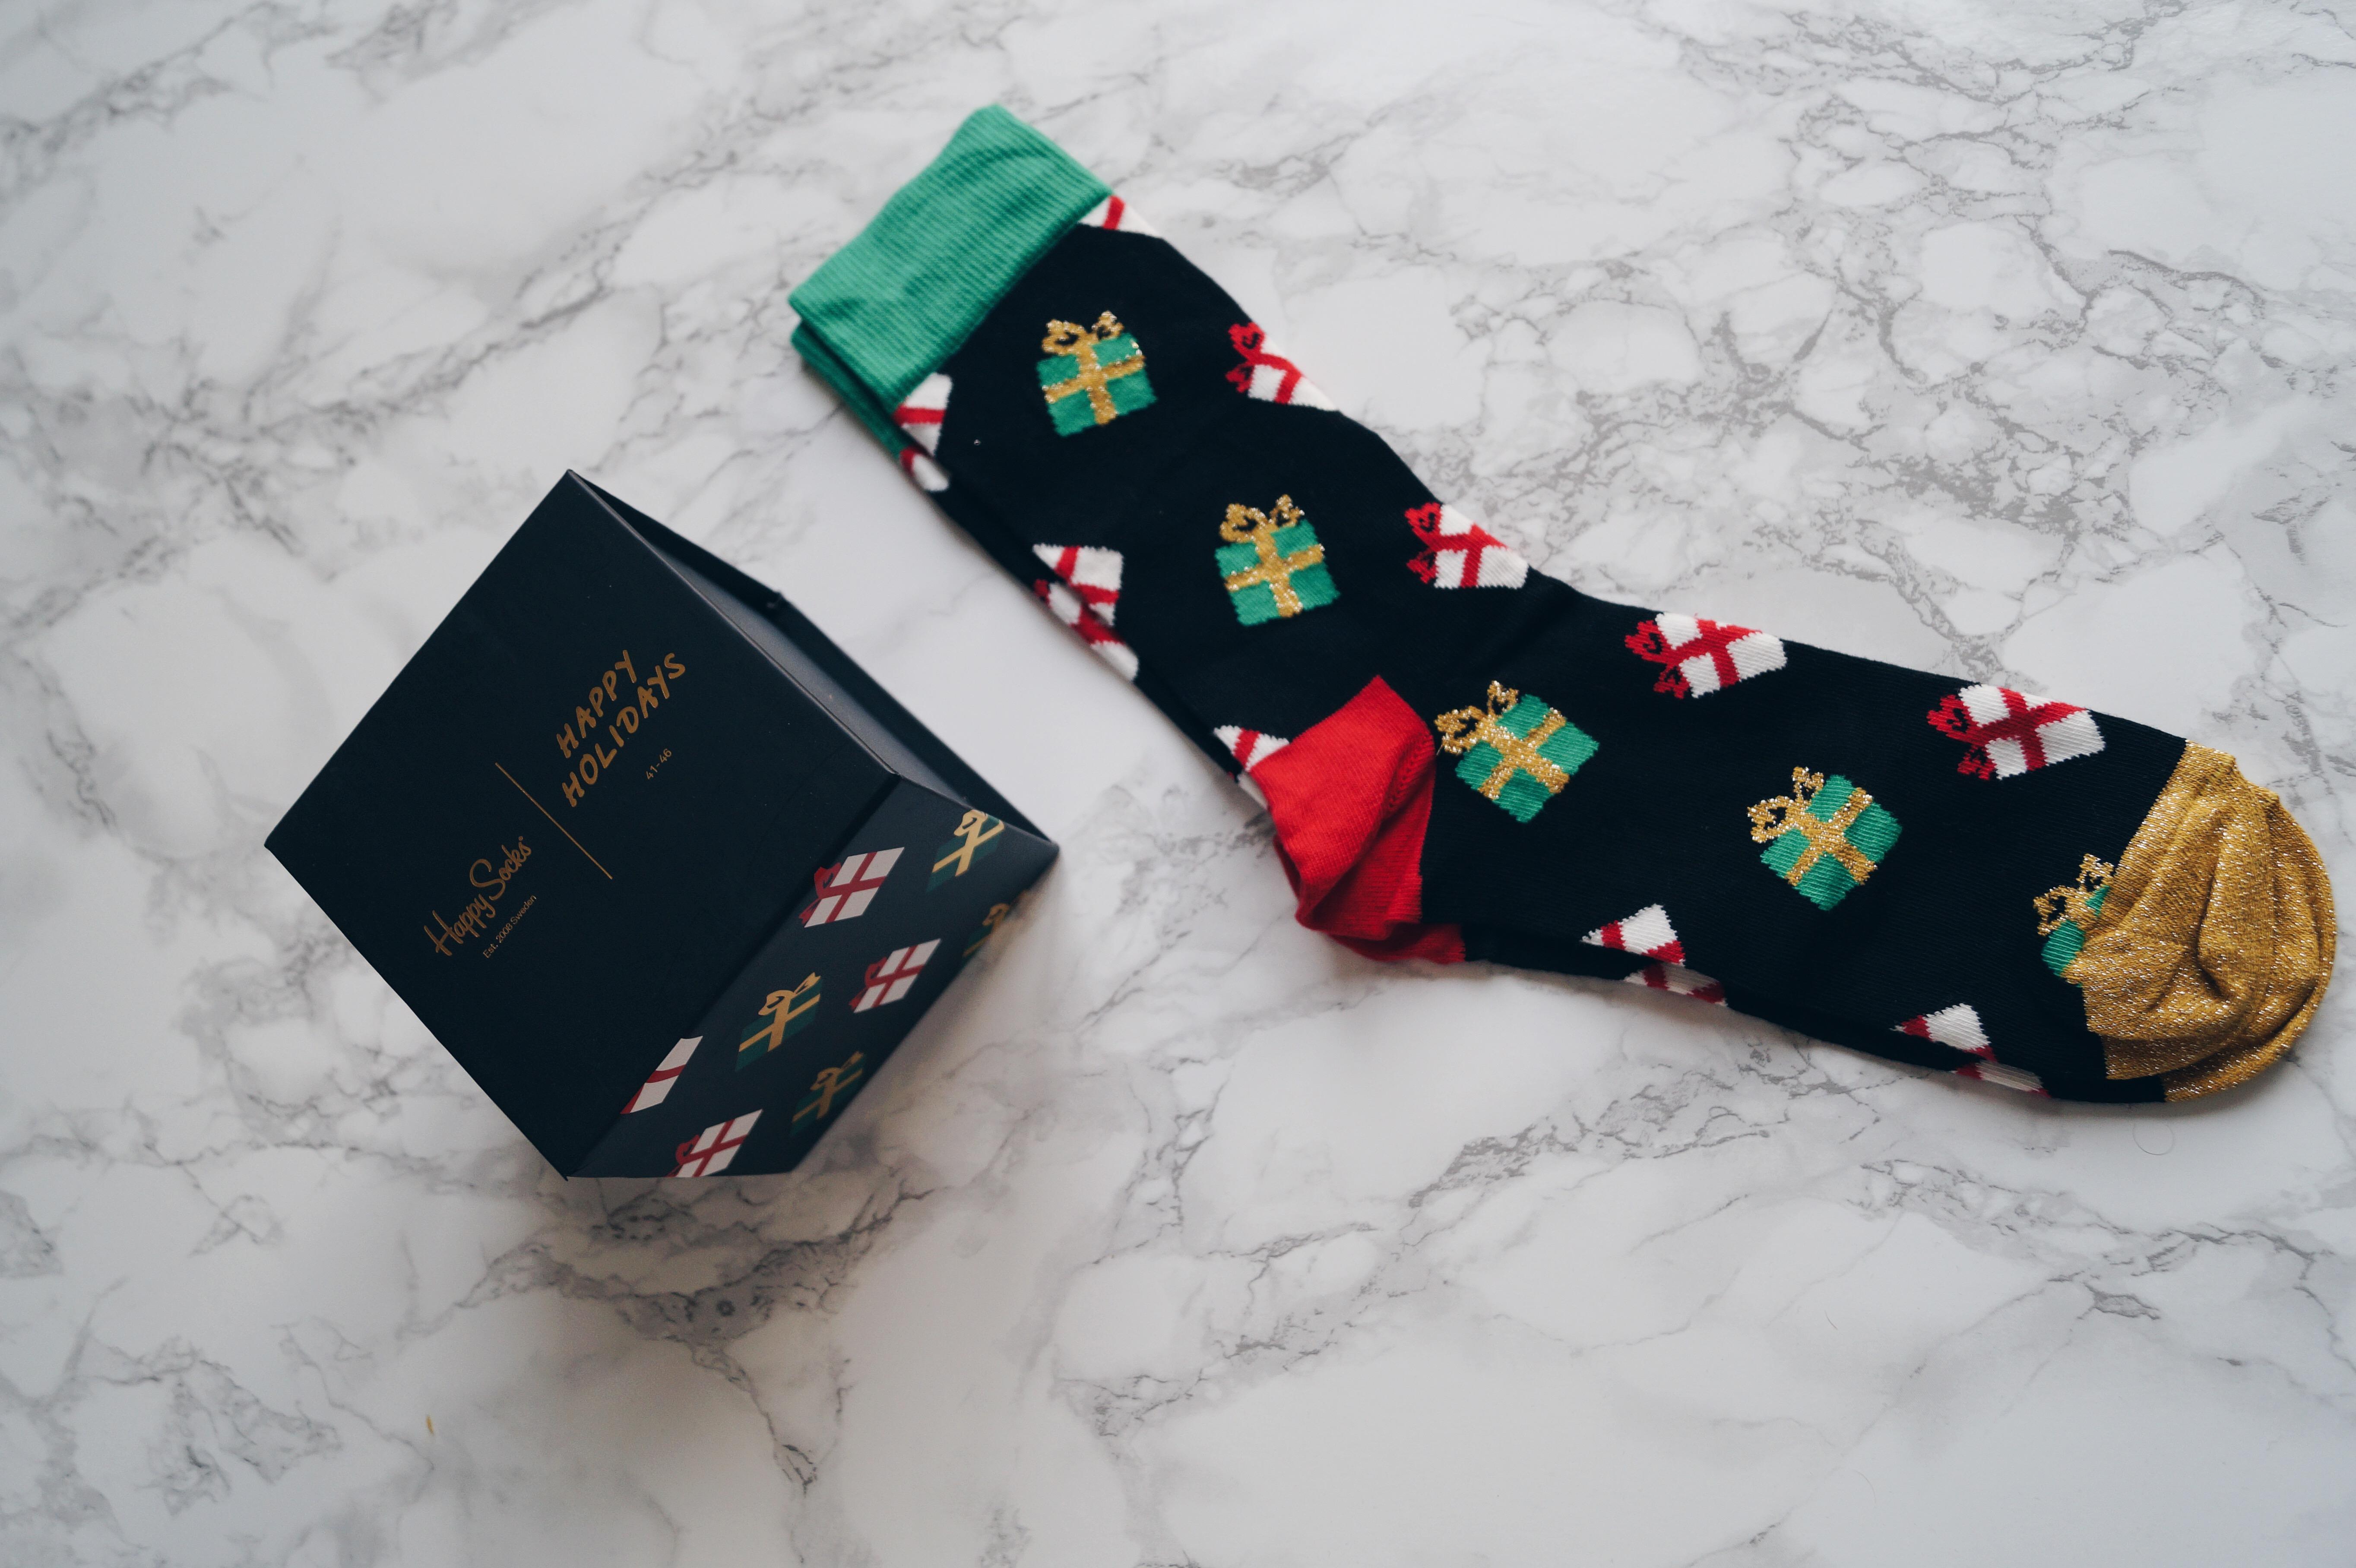 lifestyle weihnachtsgeschenke f r ihn gewinnspiel. Black Bedroom Furniture Sets. Home Design Ideas